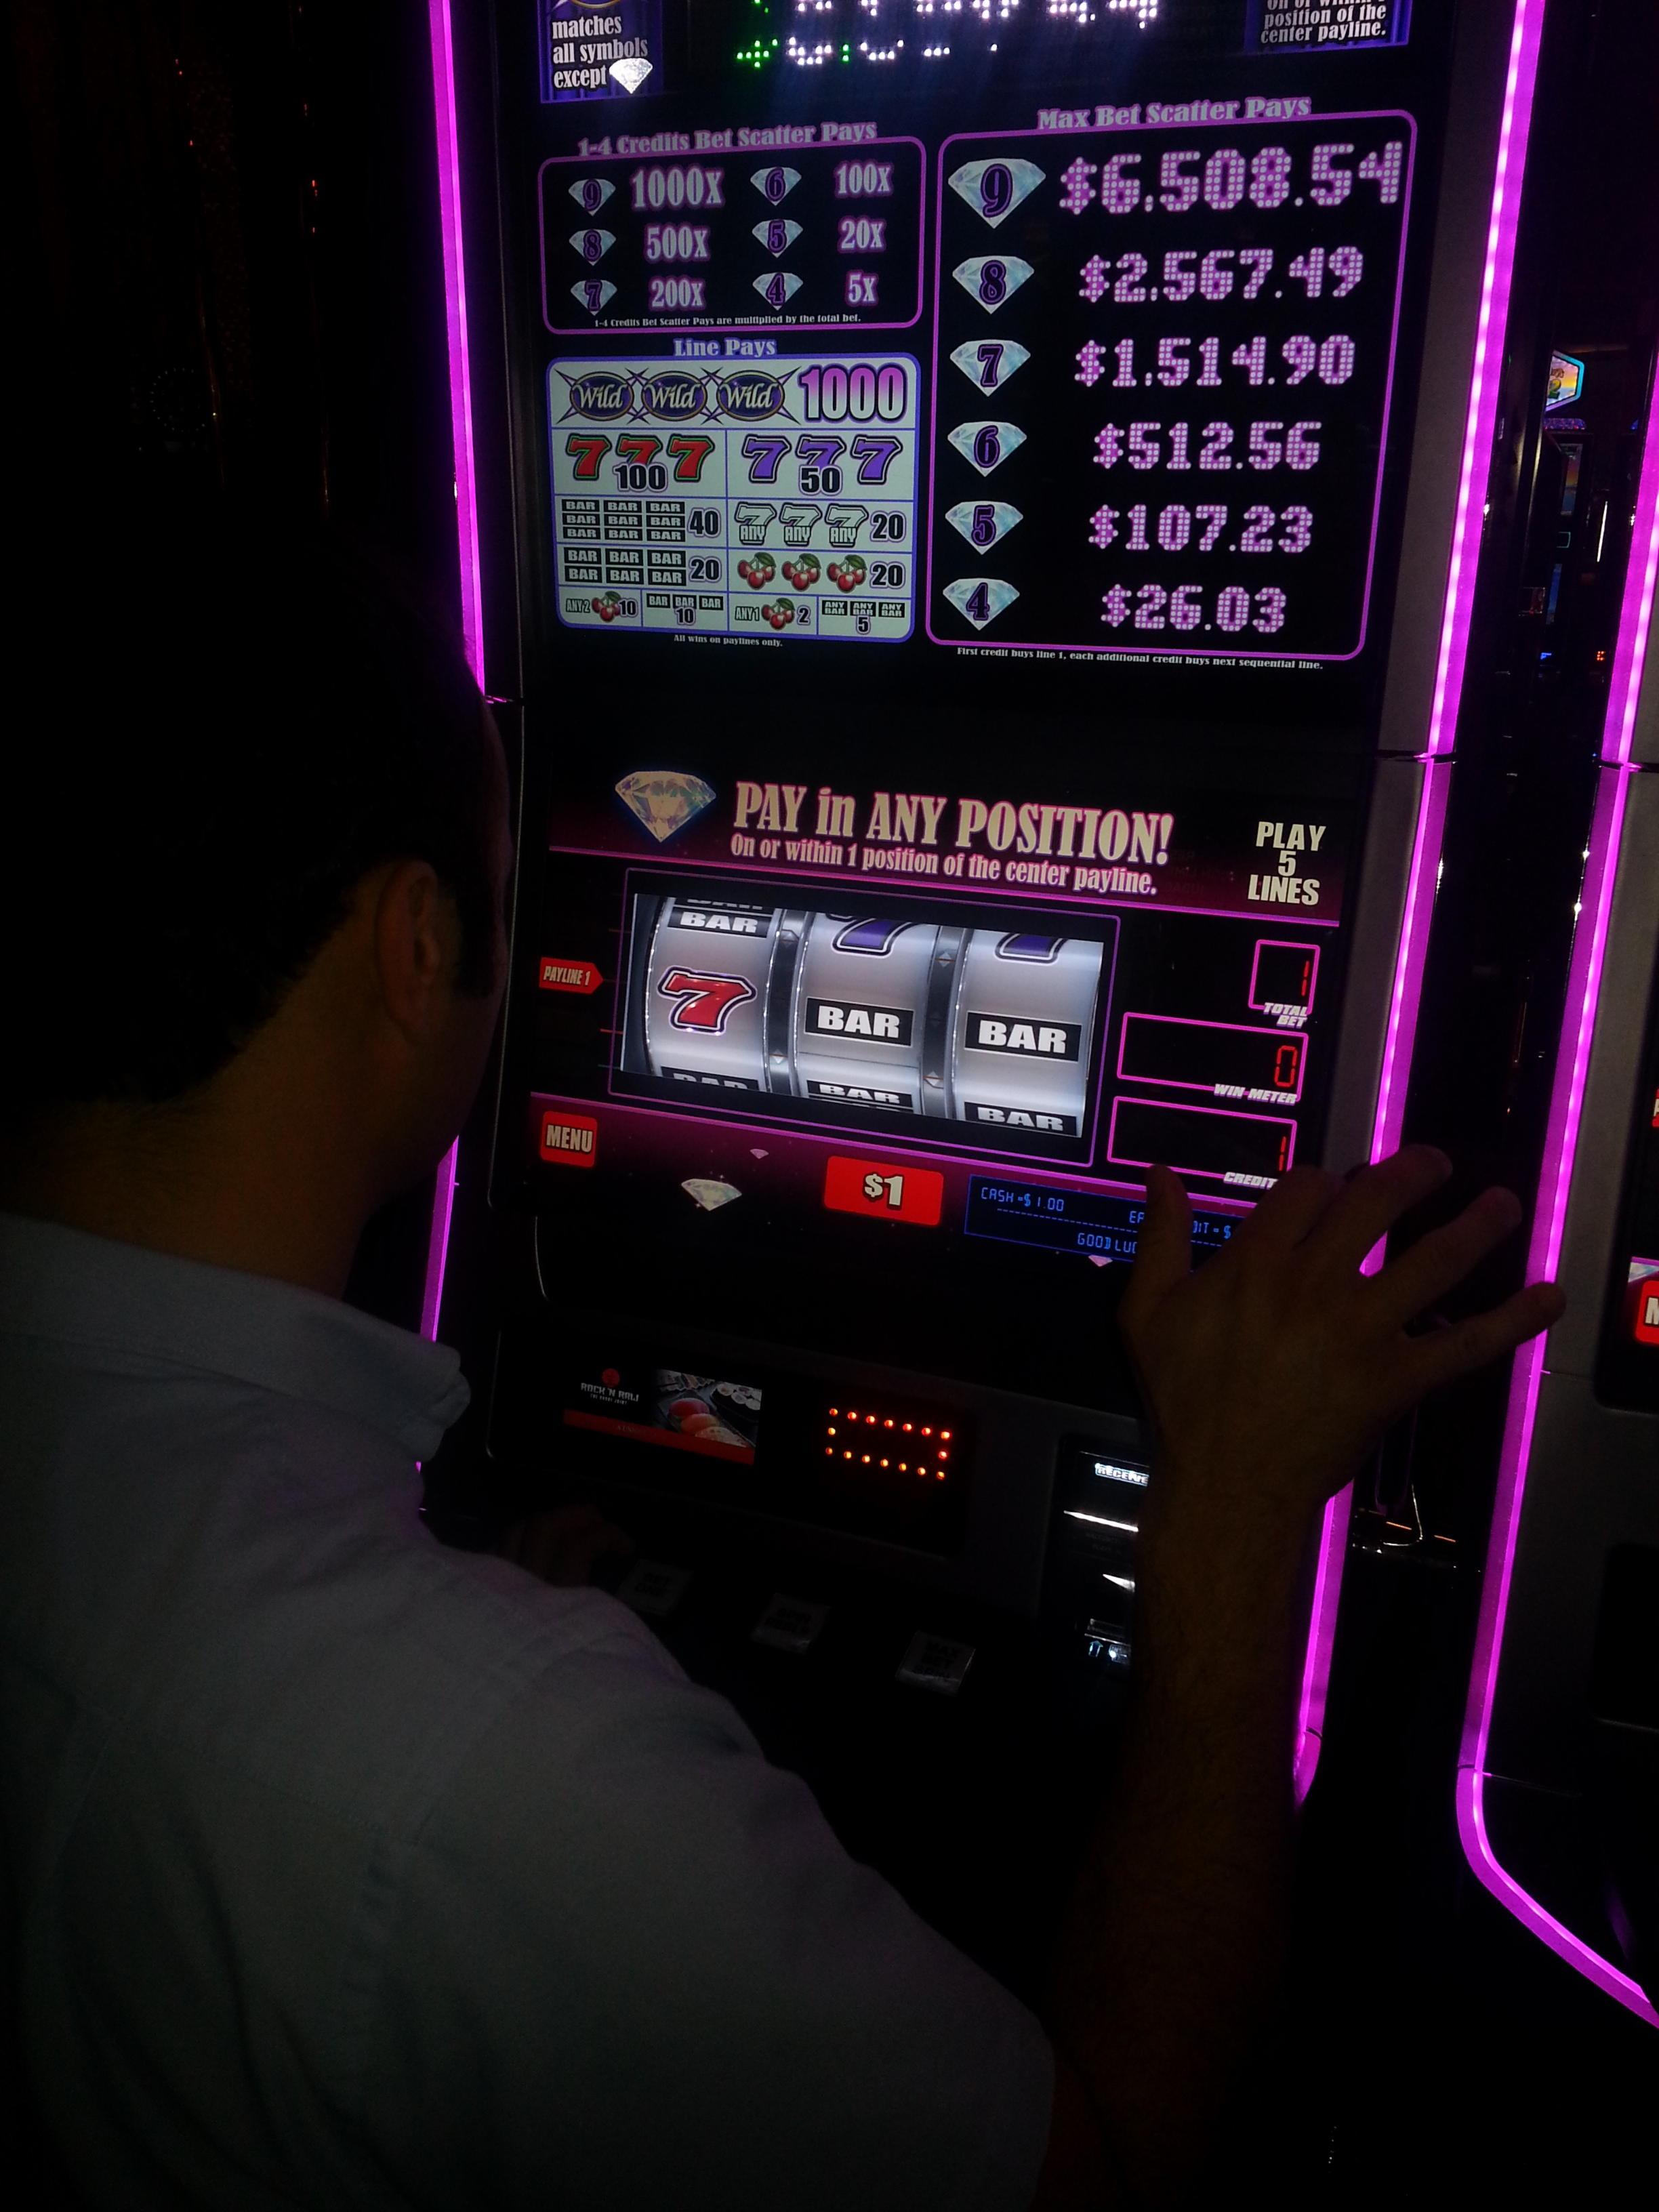 110 Freeは、Casino.comでデポジットカジノではありません